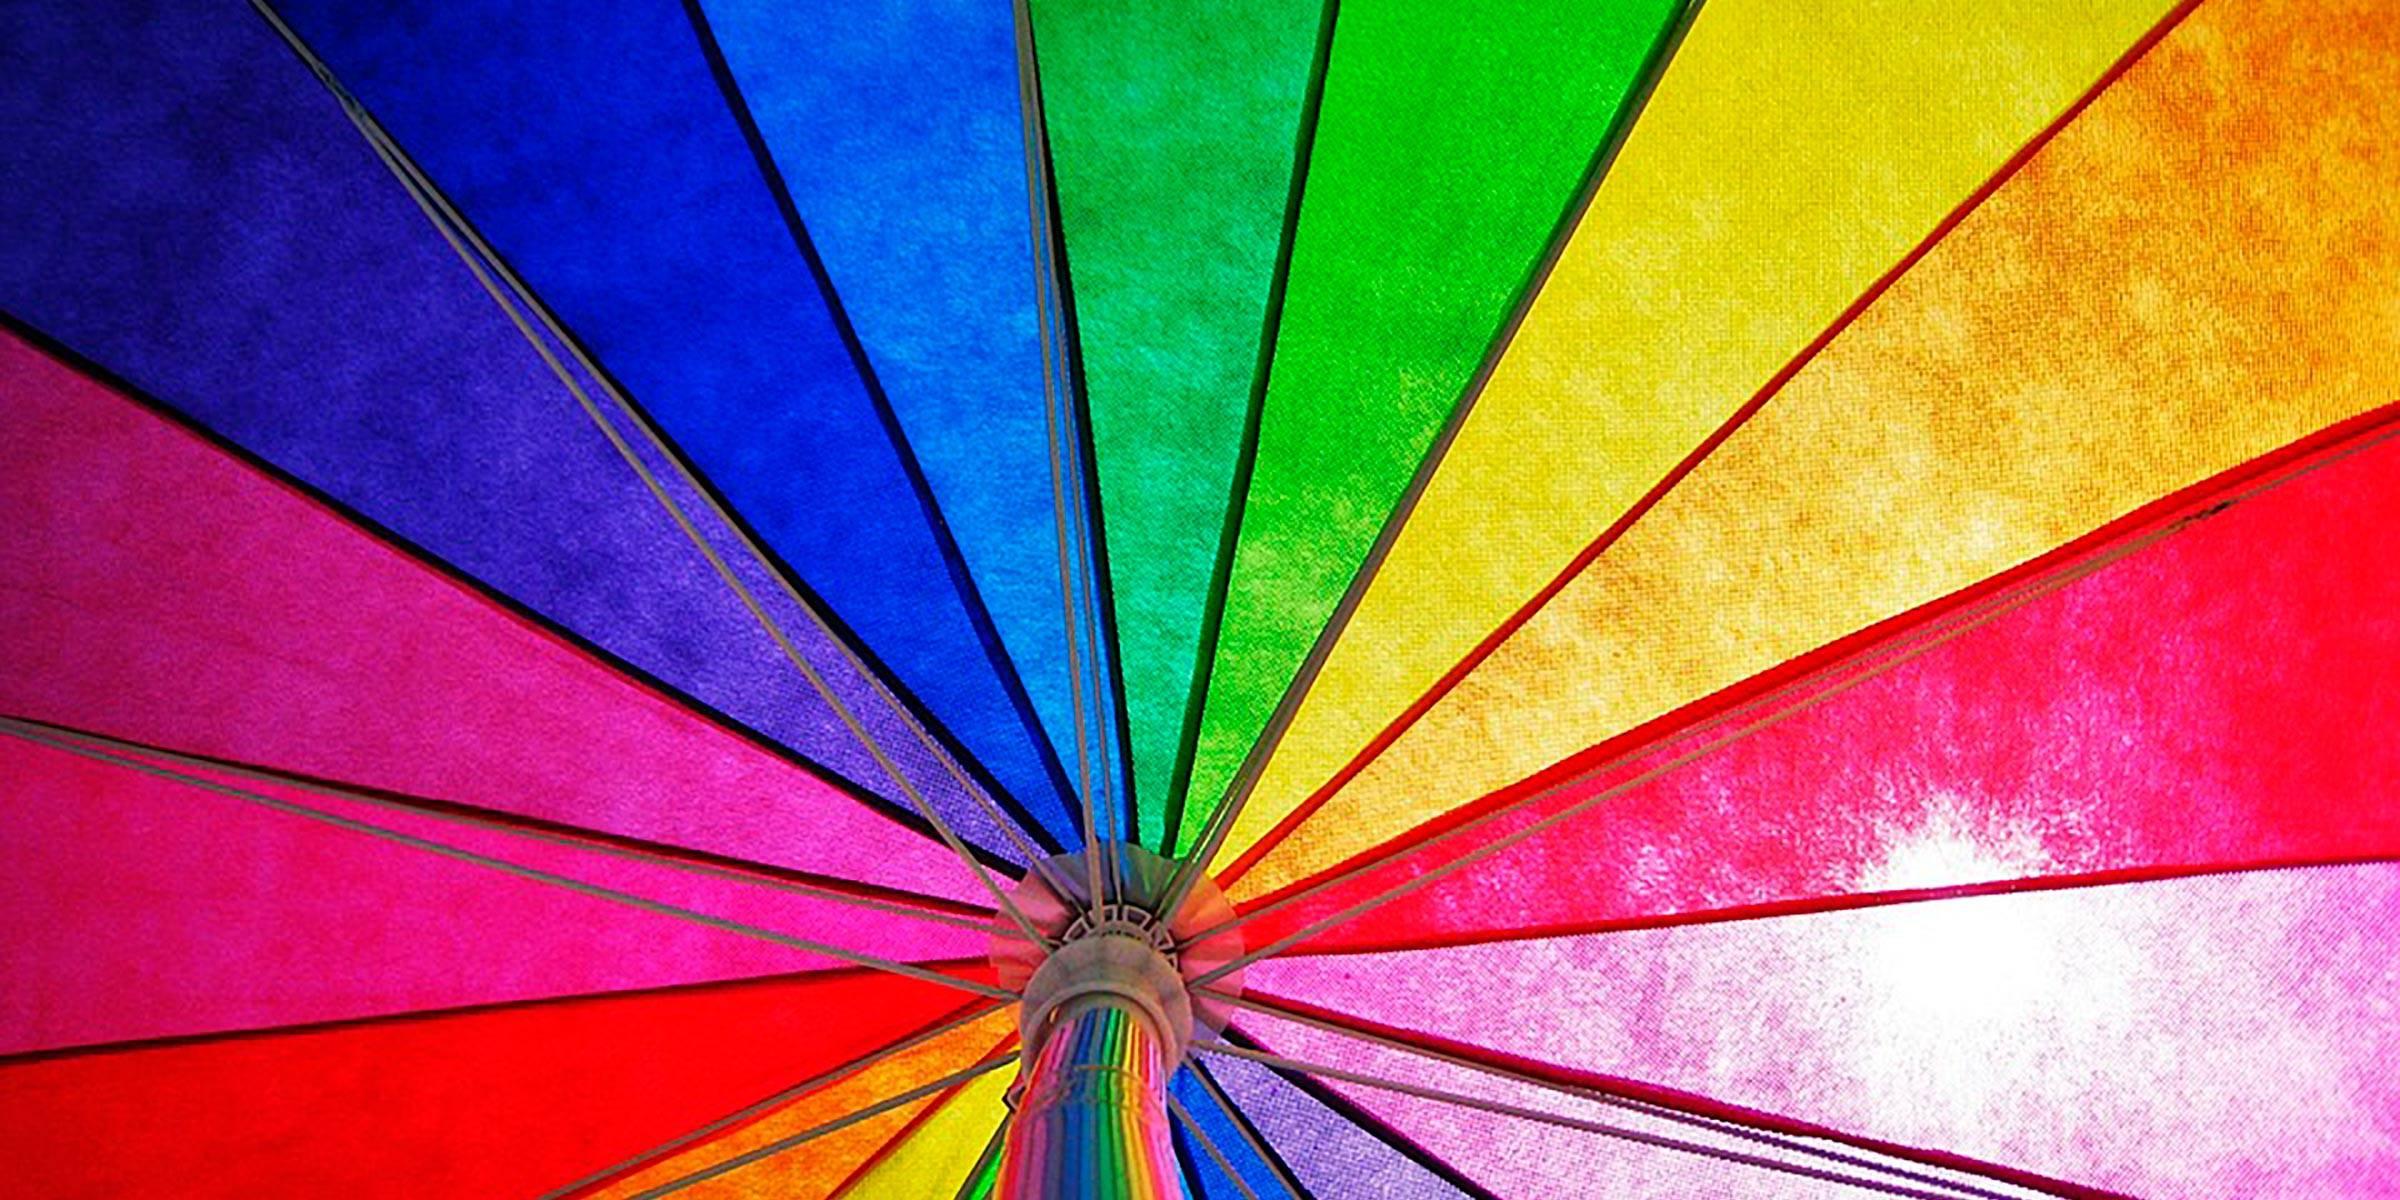 parasol med forskellige farver